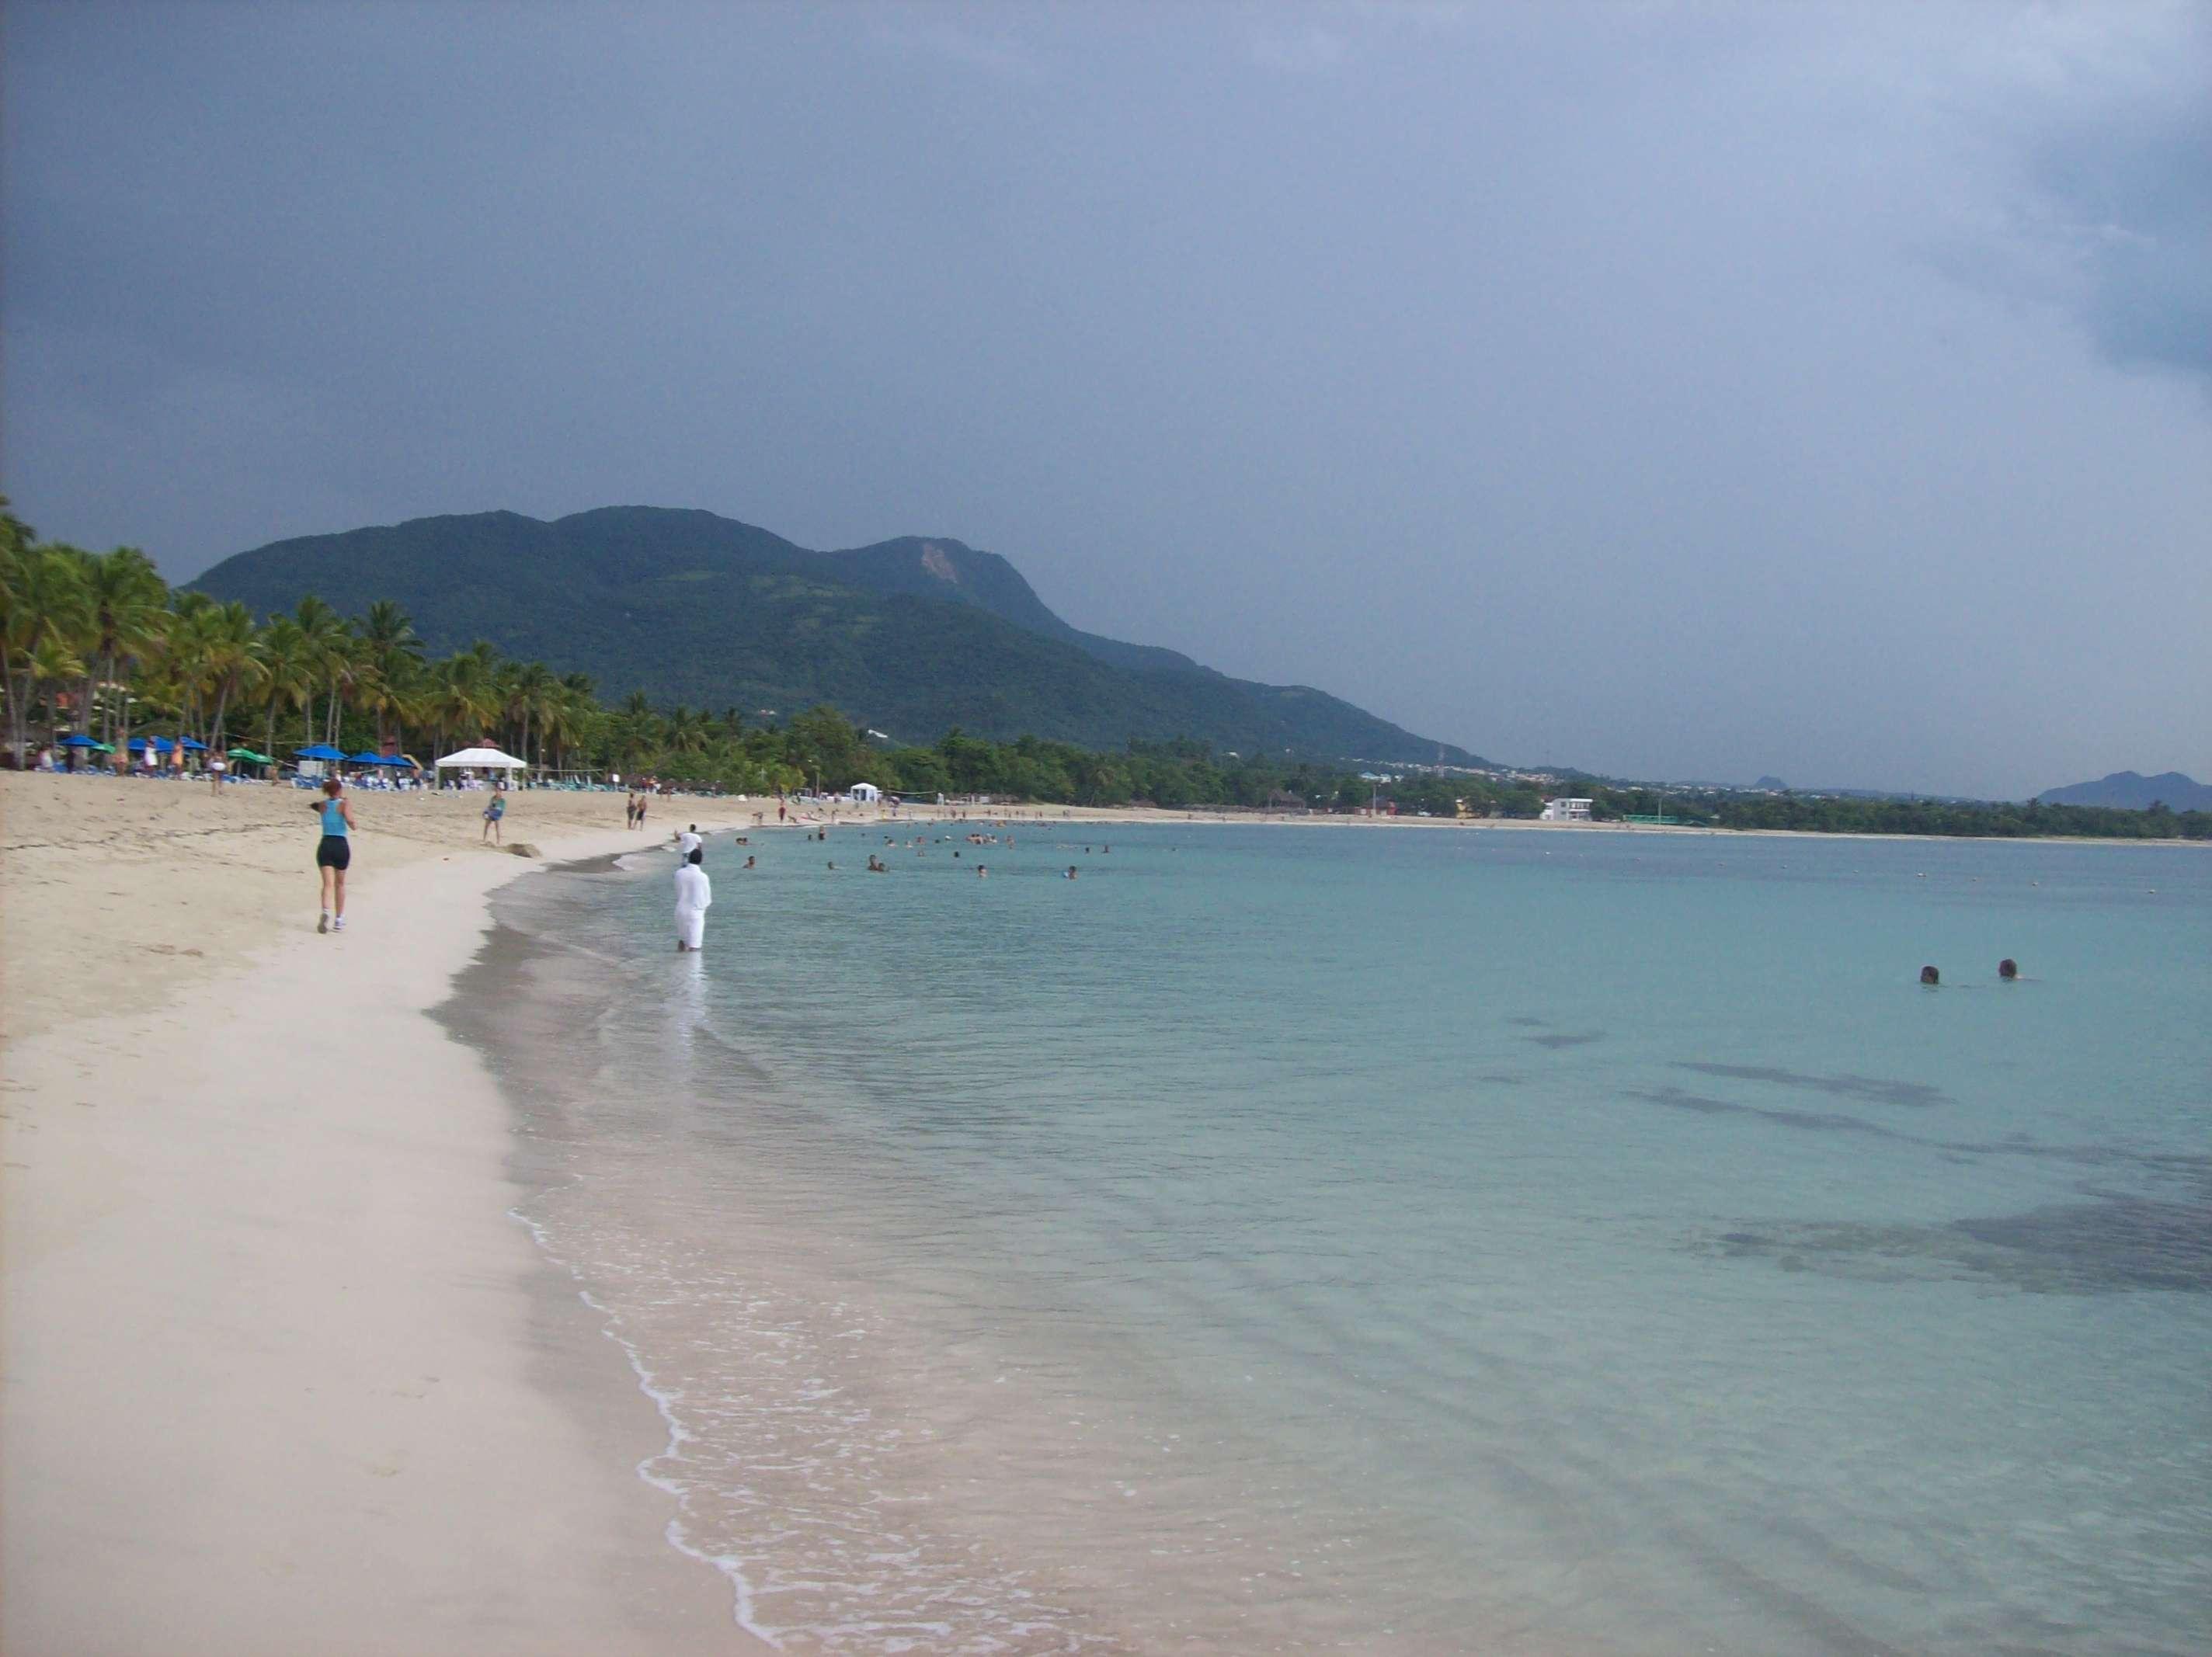 Playa Dorada (Puerto Plata, República Dominicana)